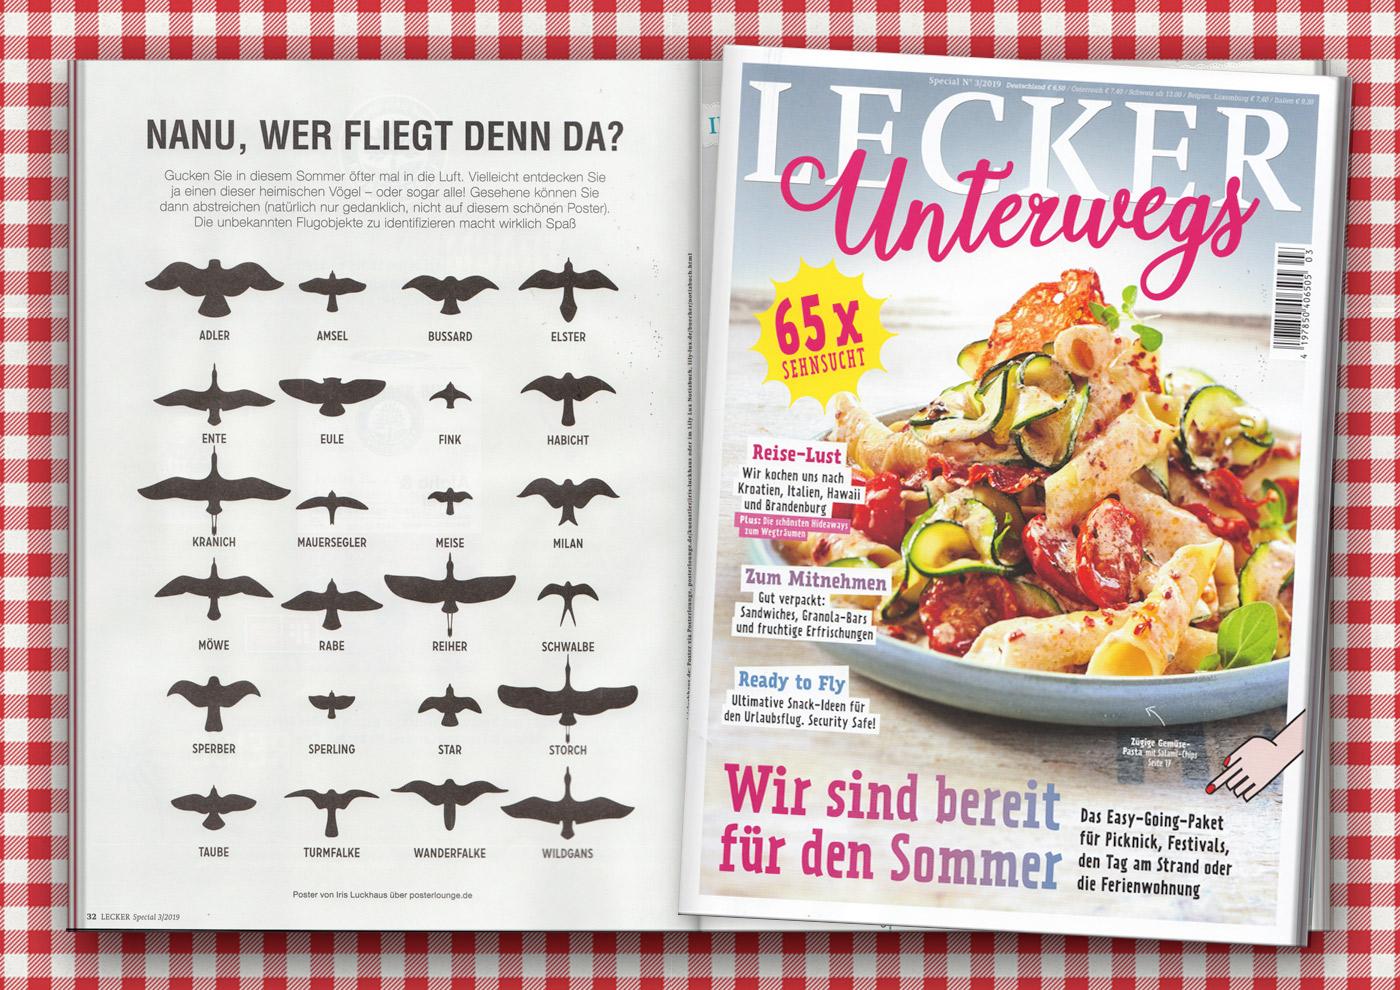 Vogelsilhouetten Vogelflug im Lecker Unterwegs Magazin